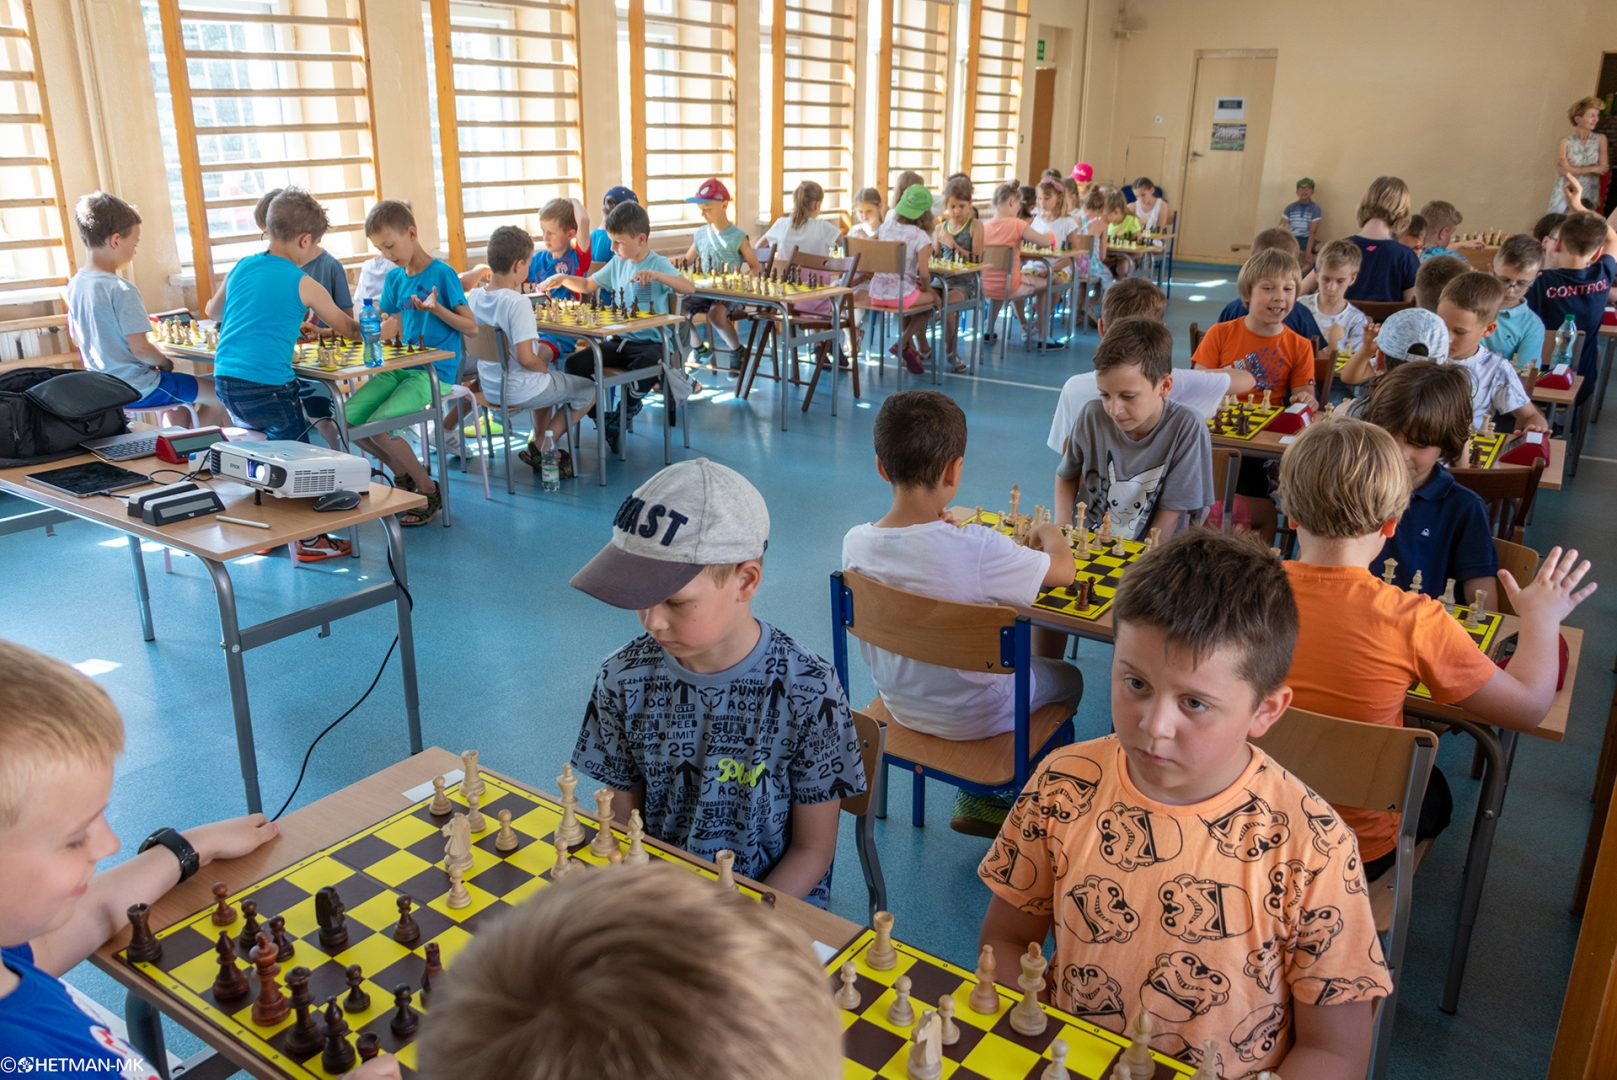 VIII Szachowe Mistrzostwa Szkoły Społecznej, Świdnica, 11.06.2019